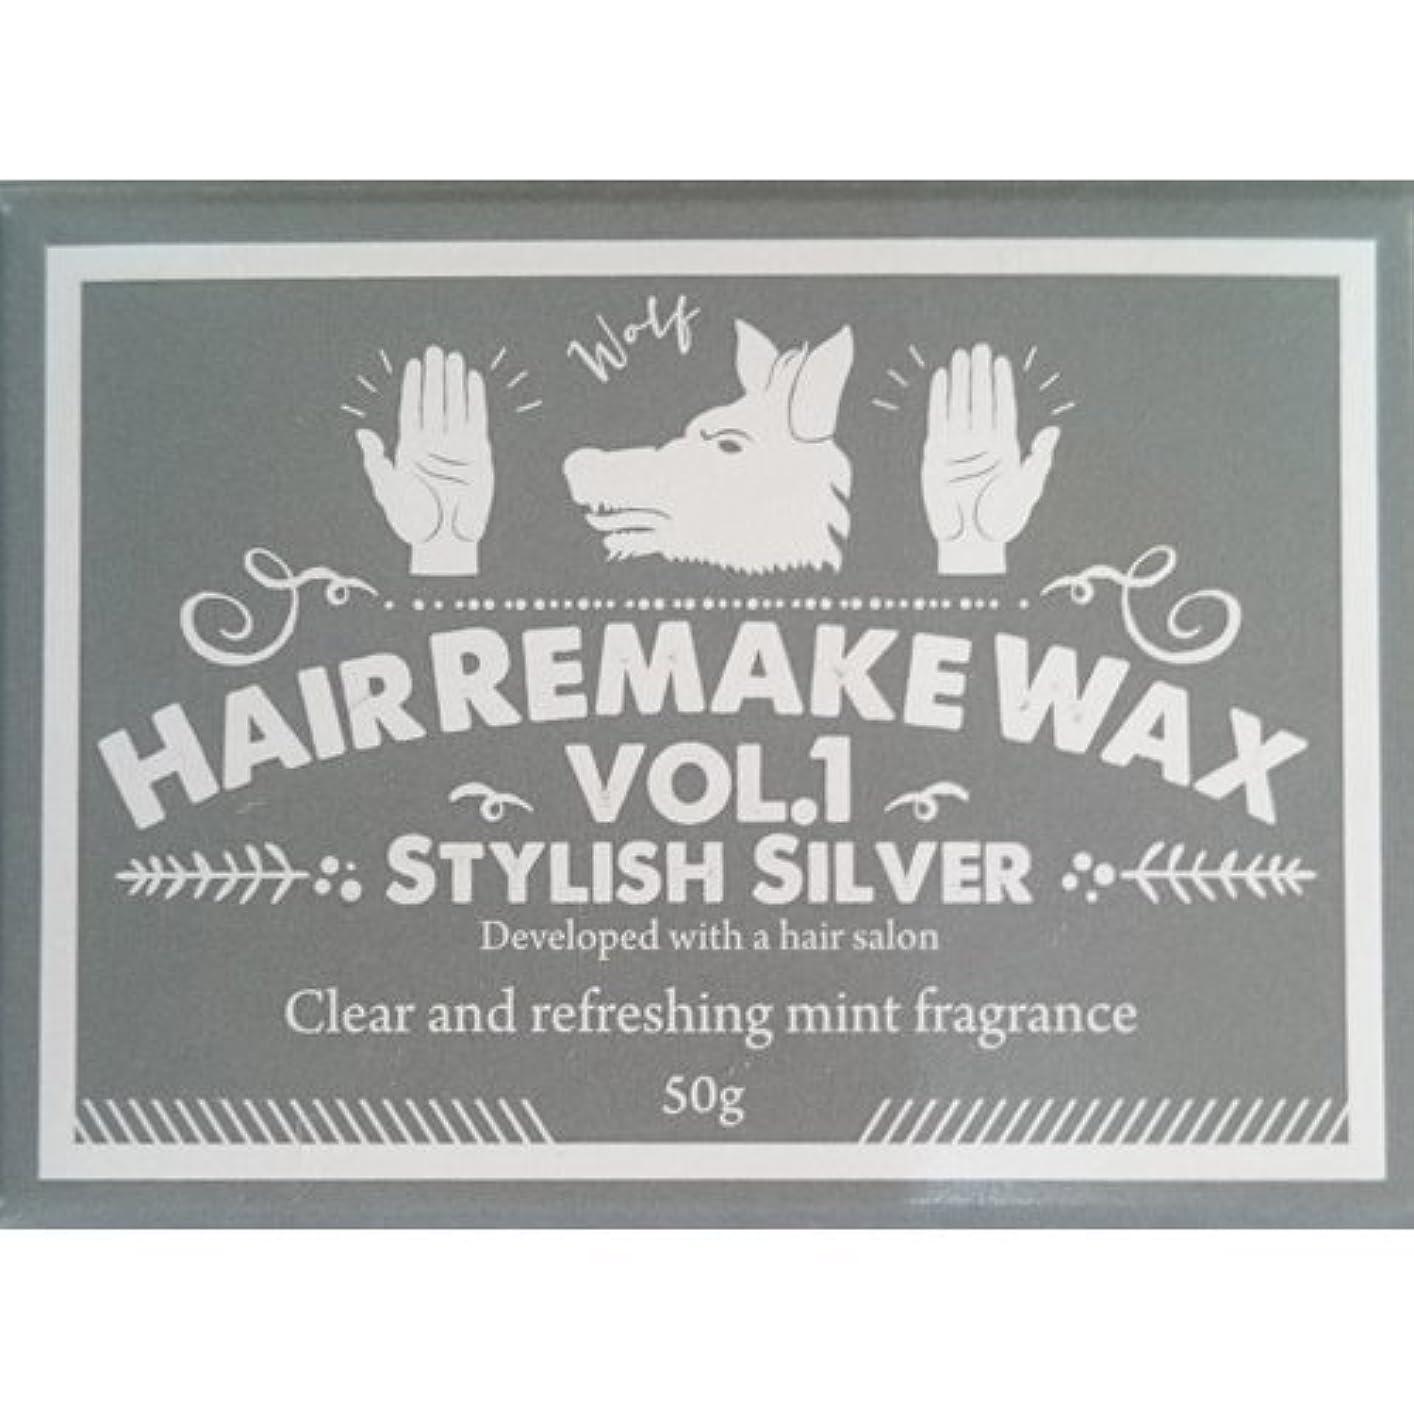 トリッキー帰る切り下げパーティー 変装 銀髪用 Hair Remake(ヘアーリメイクワックス)WAX Vol.1 スタイリッシュシルバー 50g